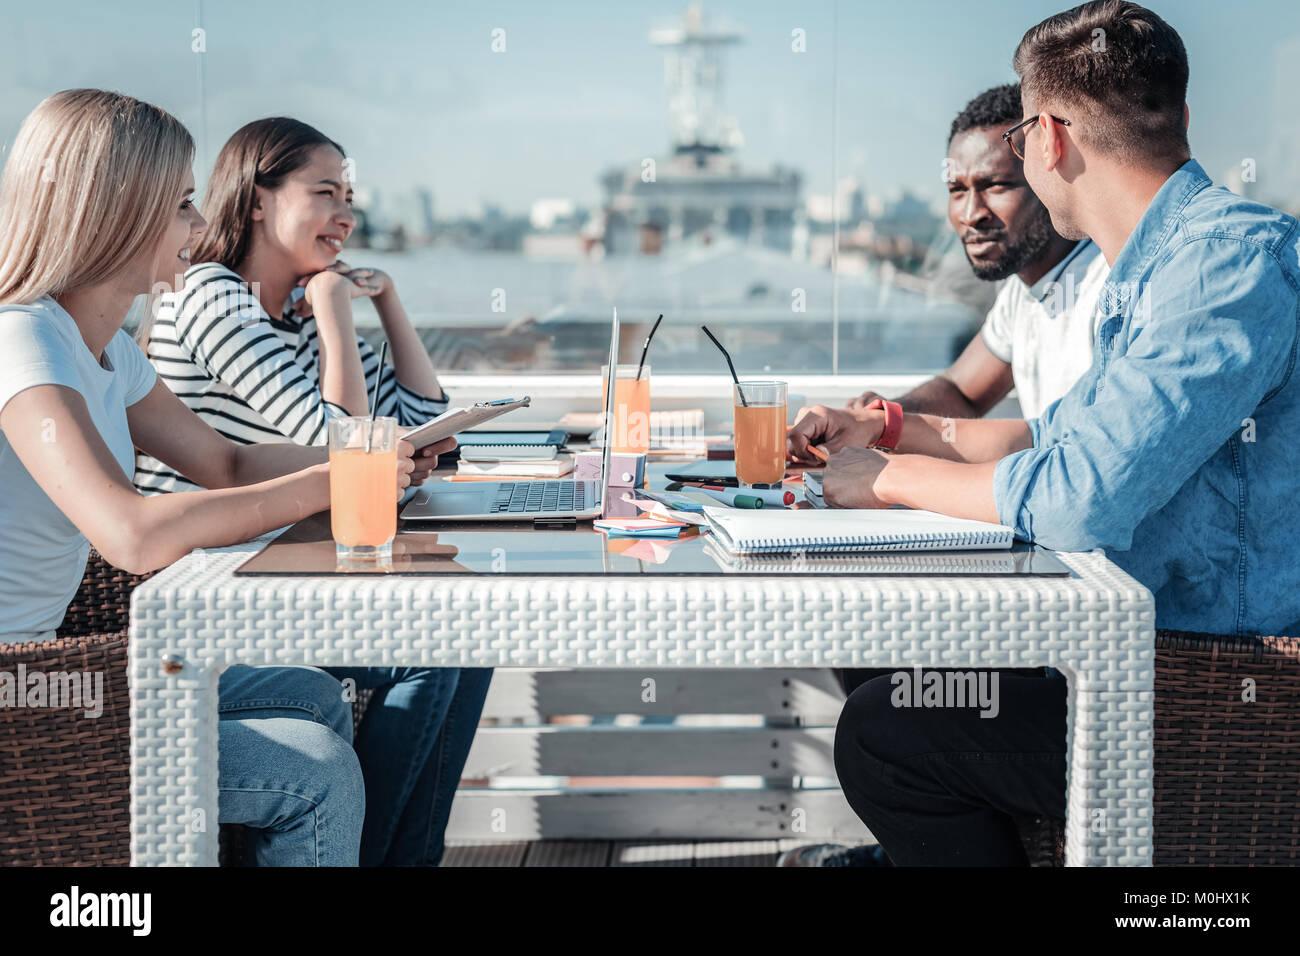 Gruppo di giovani liberi professionisti riuniti in cafe per il pranzo Immagini Stock